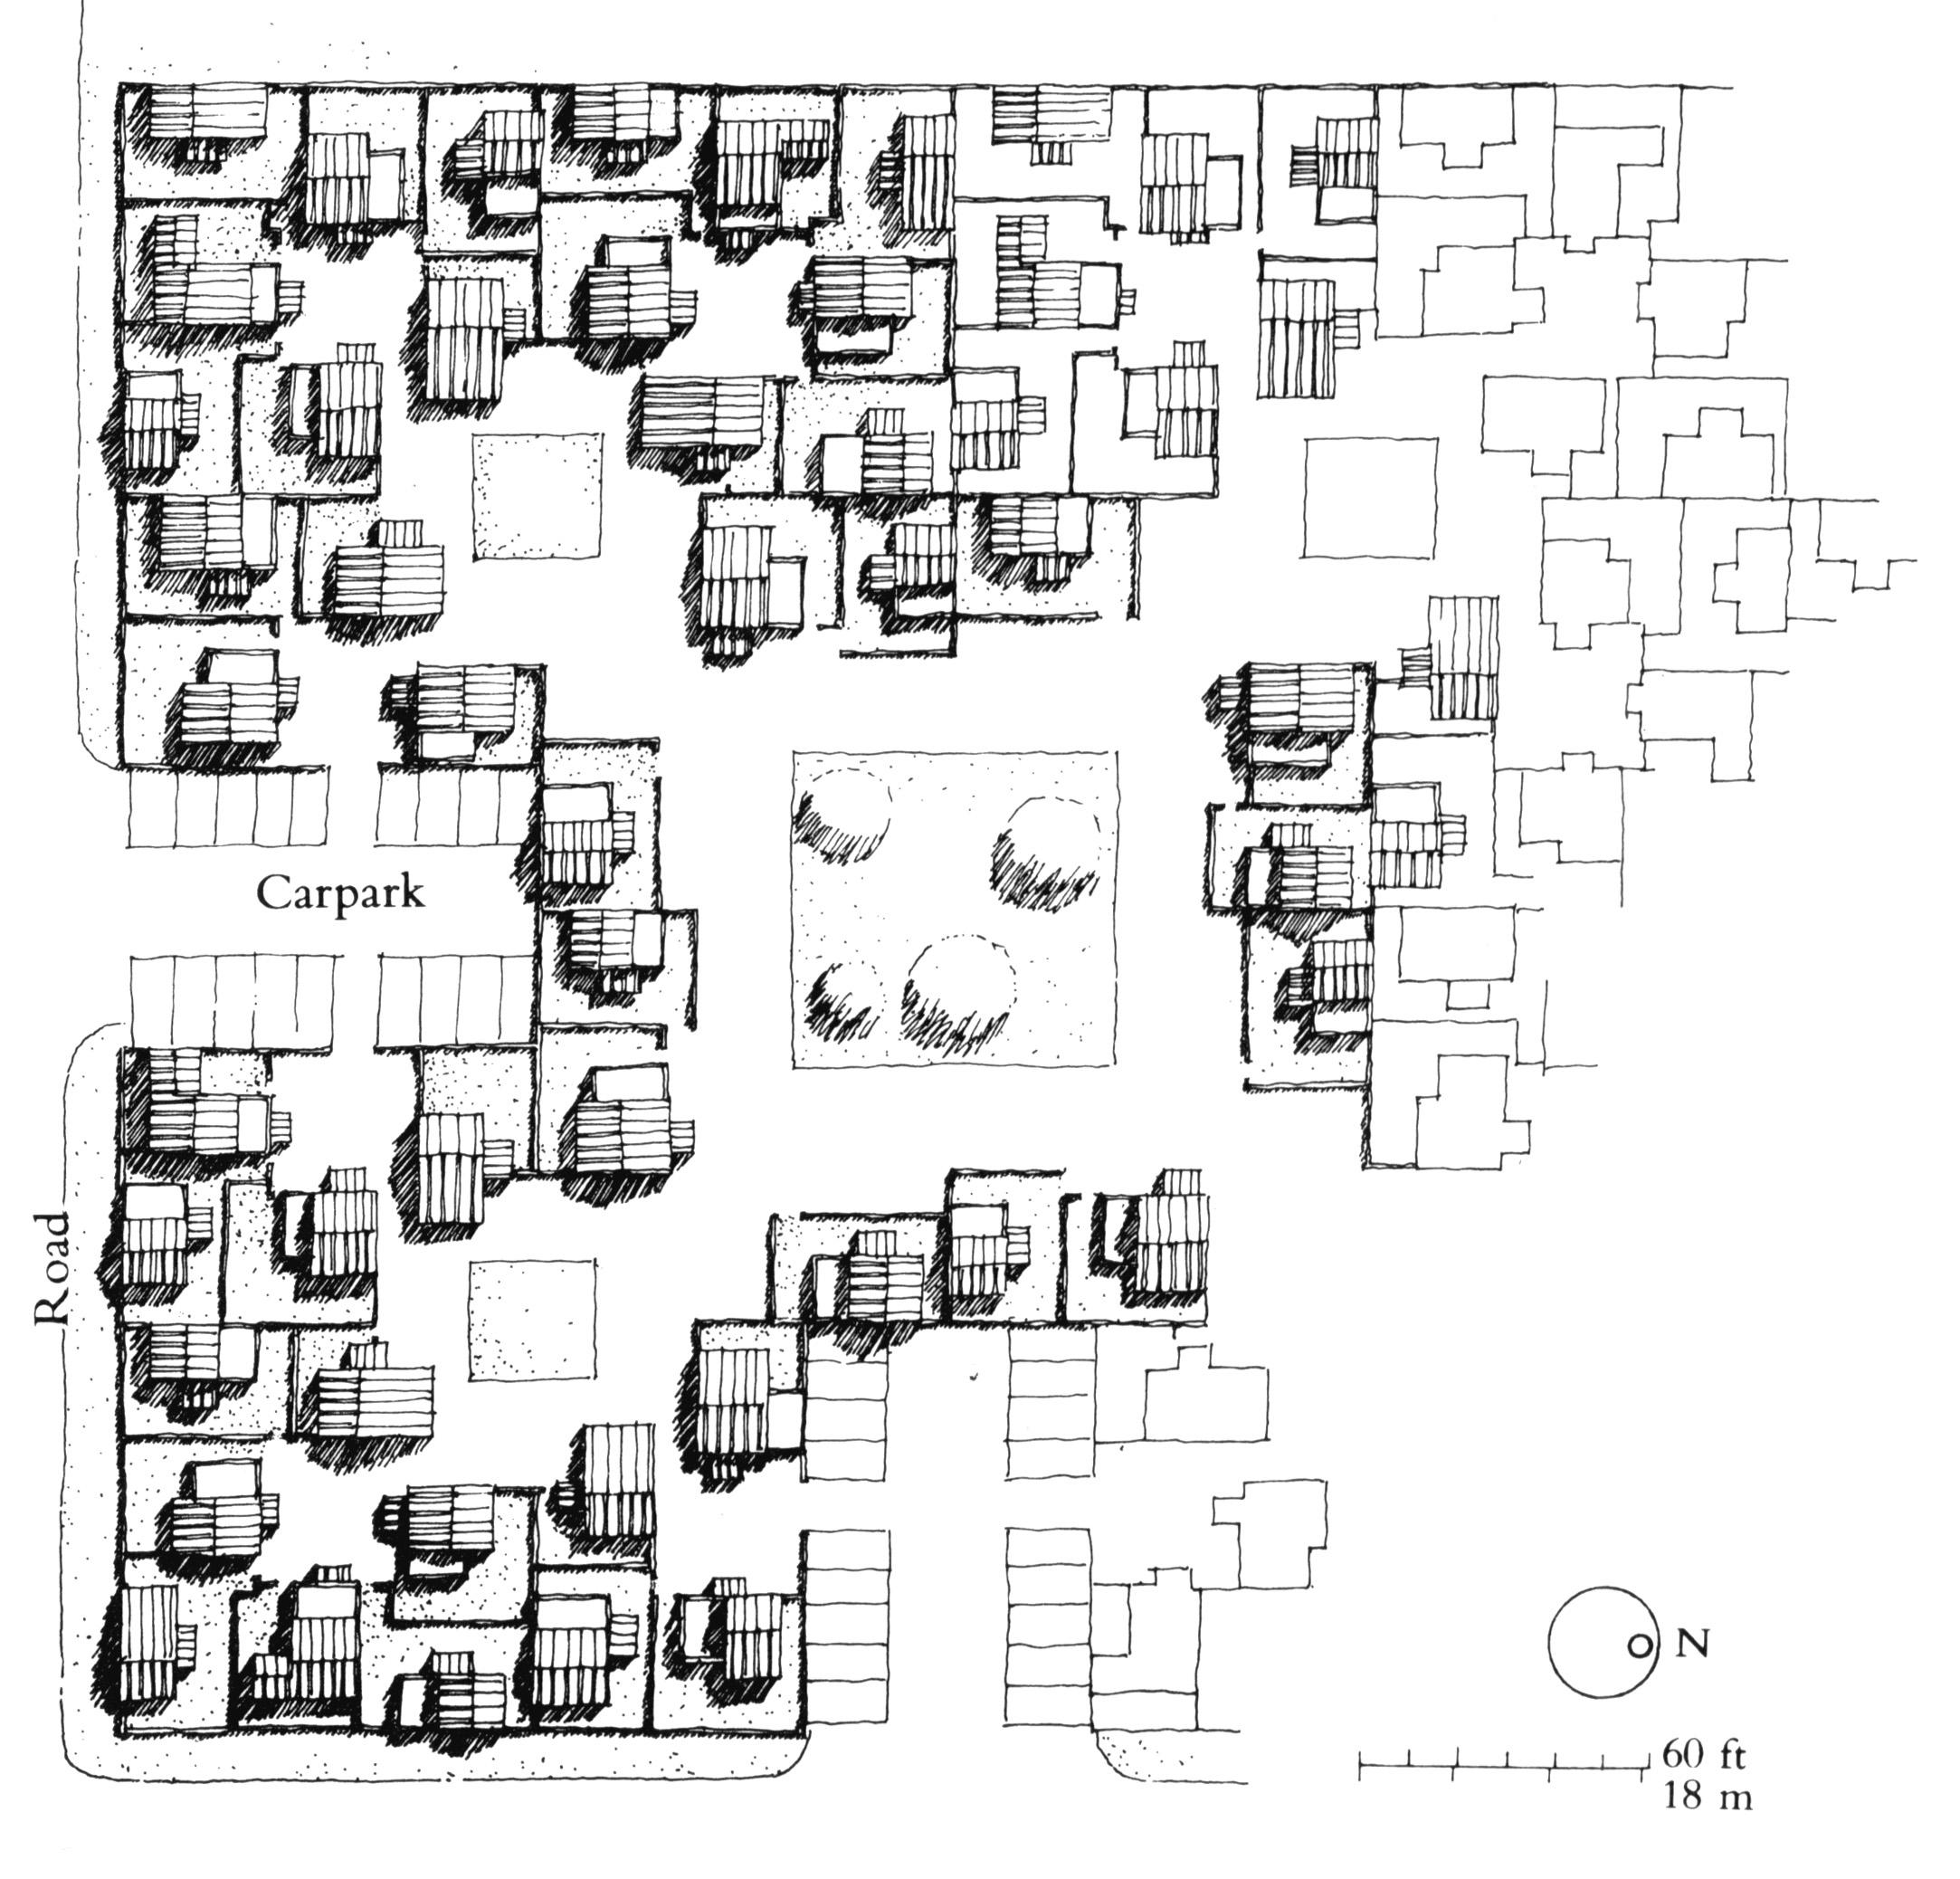 Figure 18.3b